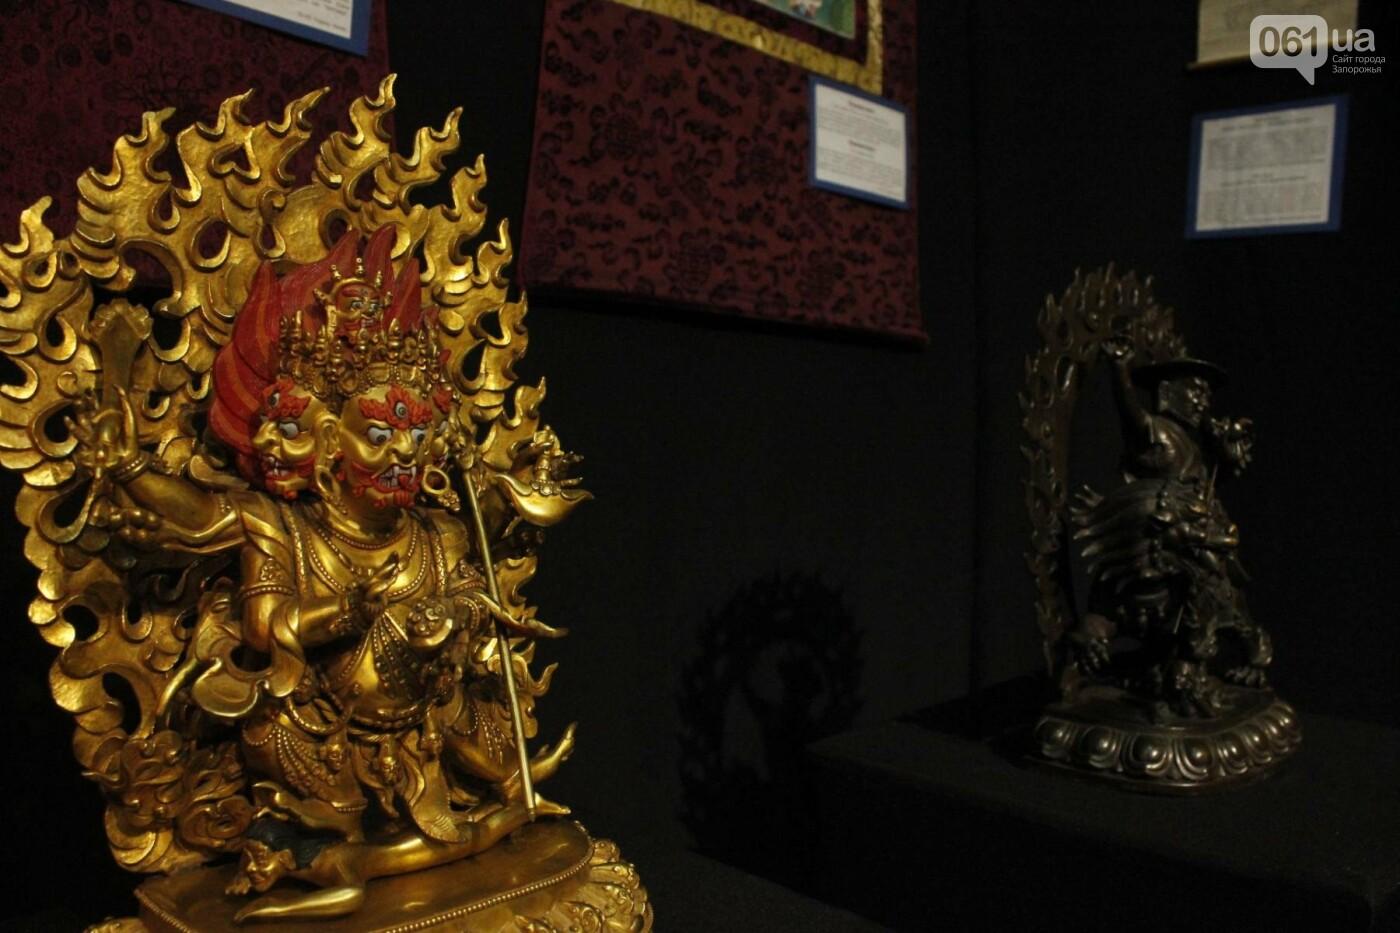 """В Запорожье выставка """"Сокровища Тибета"""" открыла Дни буддийской культуры, - ФОТОРЕПОРТАЖ, фото-36"""